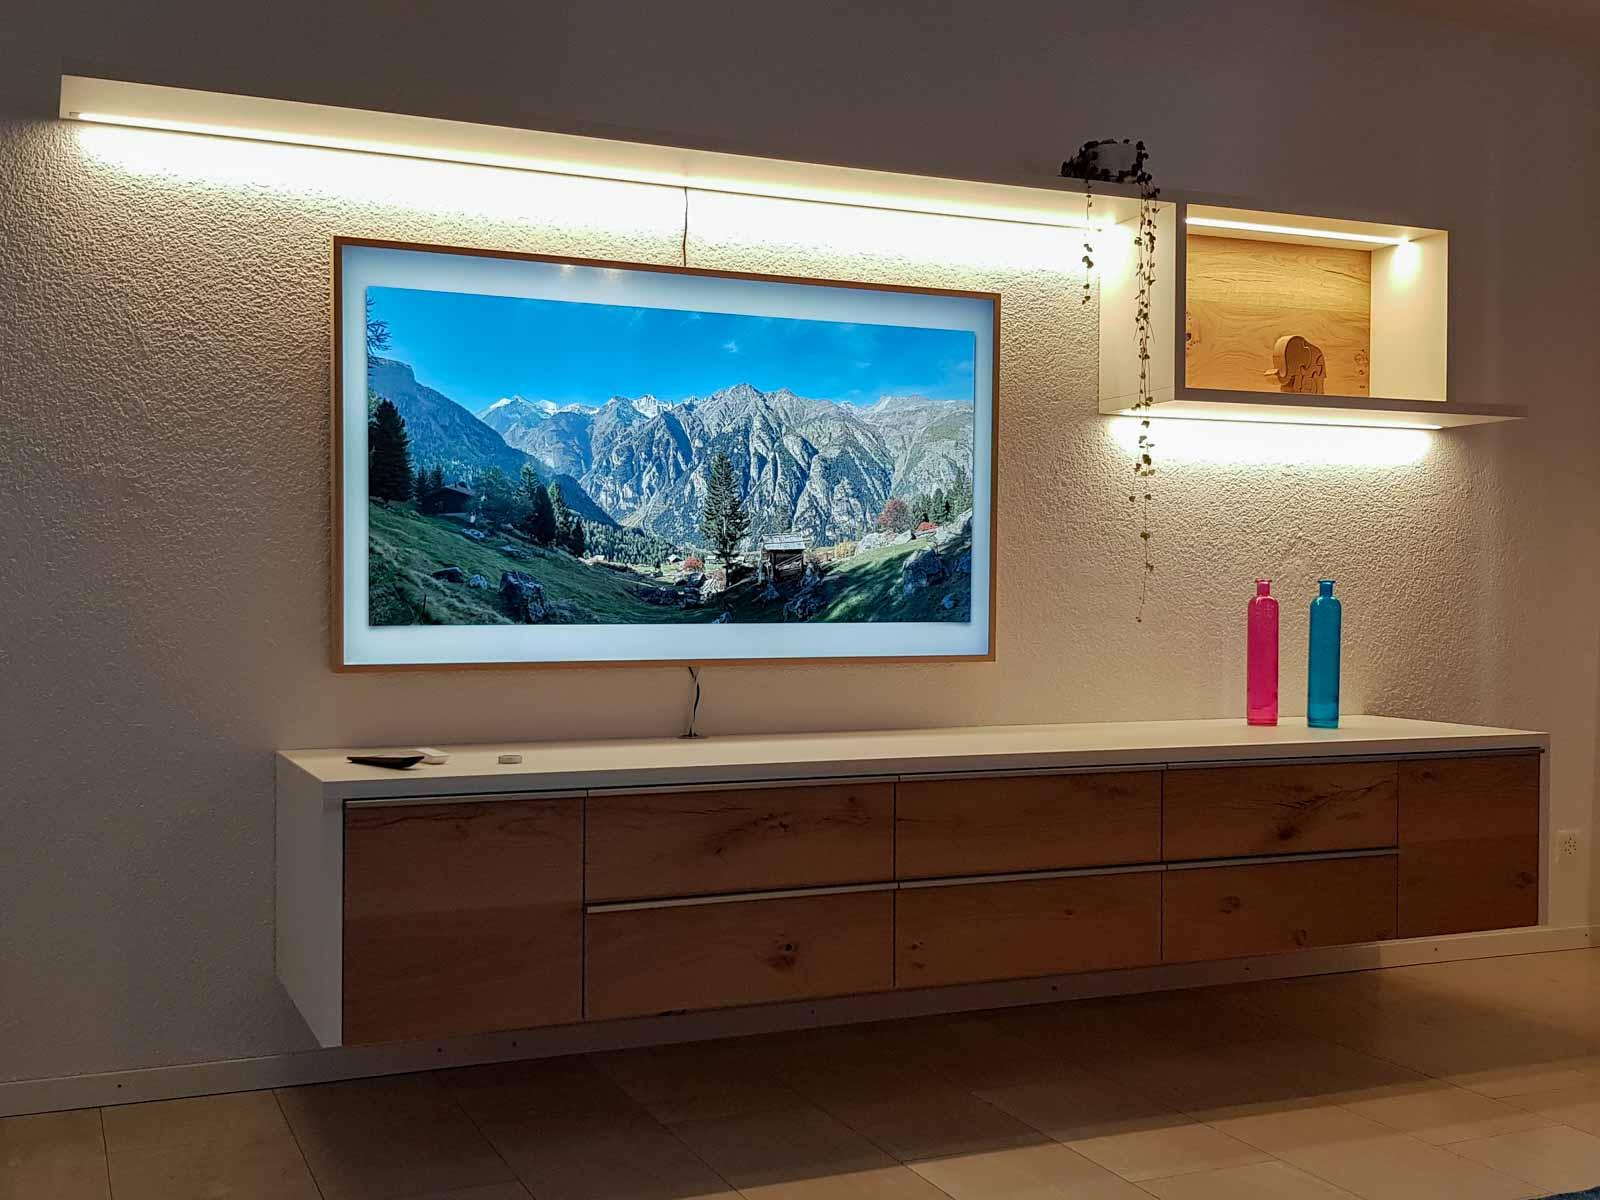 Wooddesign_Wohnzimmermöbel_Fernsehmöbel_ LED-Beleuchtung_Griffleisten_Eiche_Weissjpg (6)